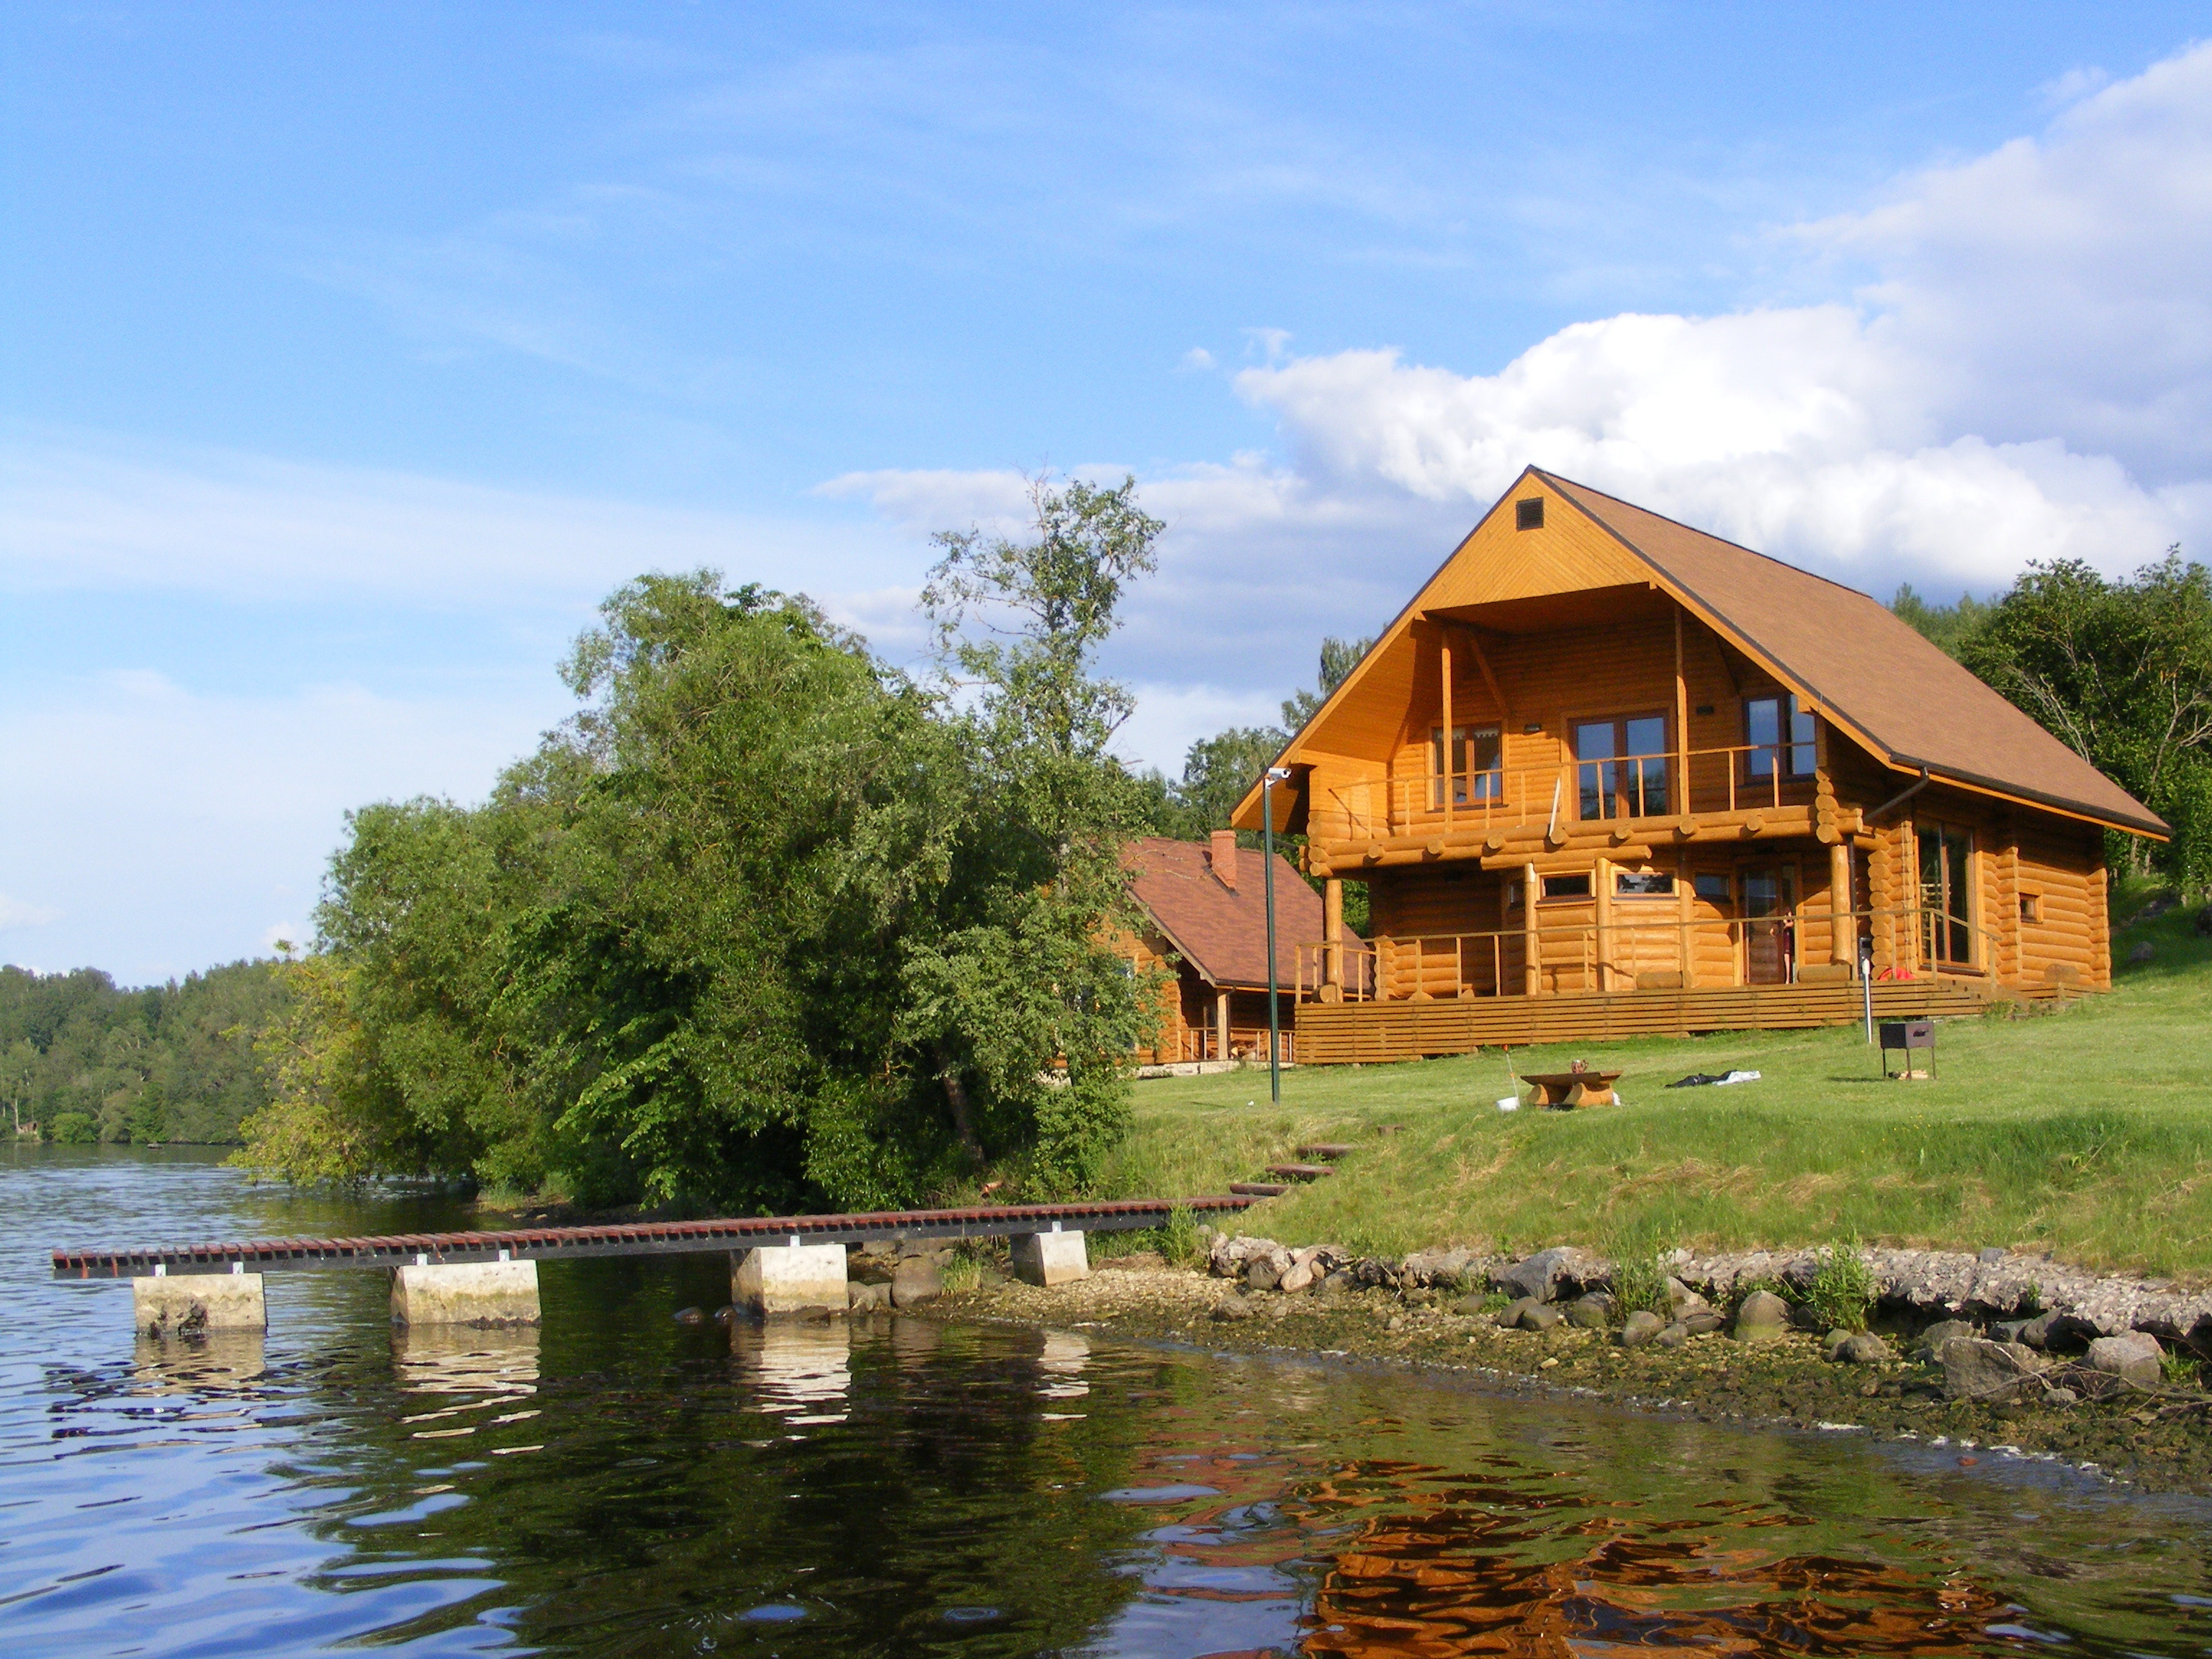 越来越多人在家办公 安省度假屋受青睐